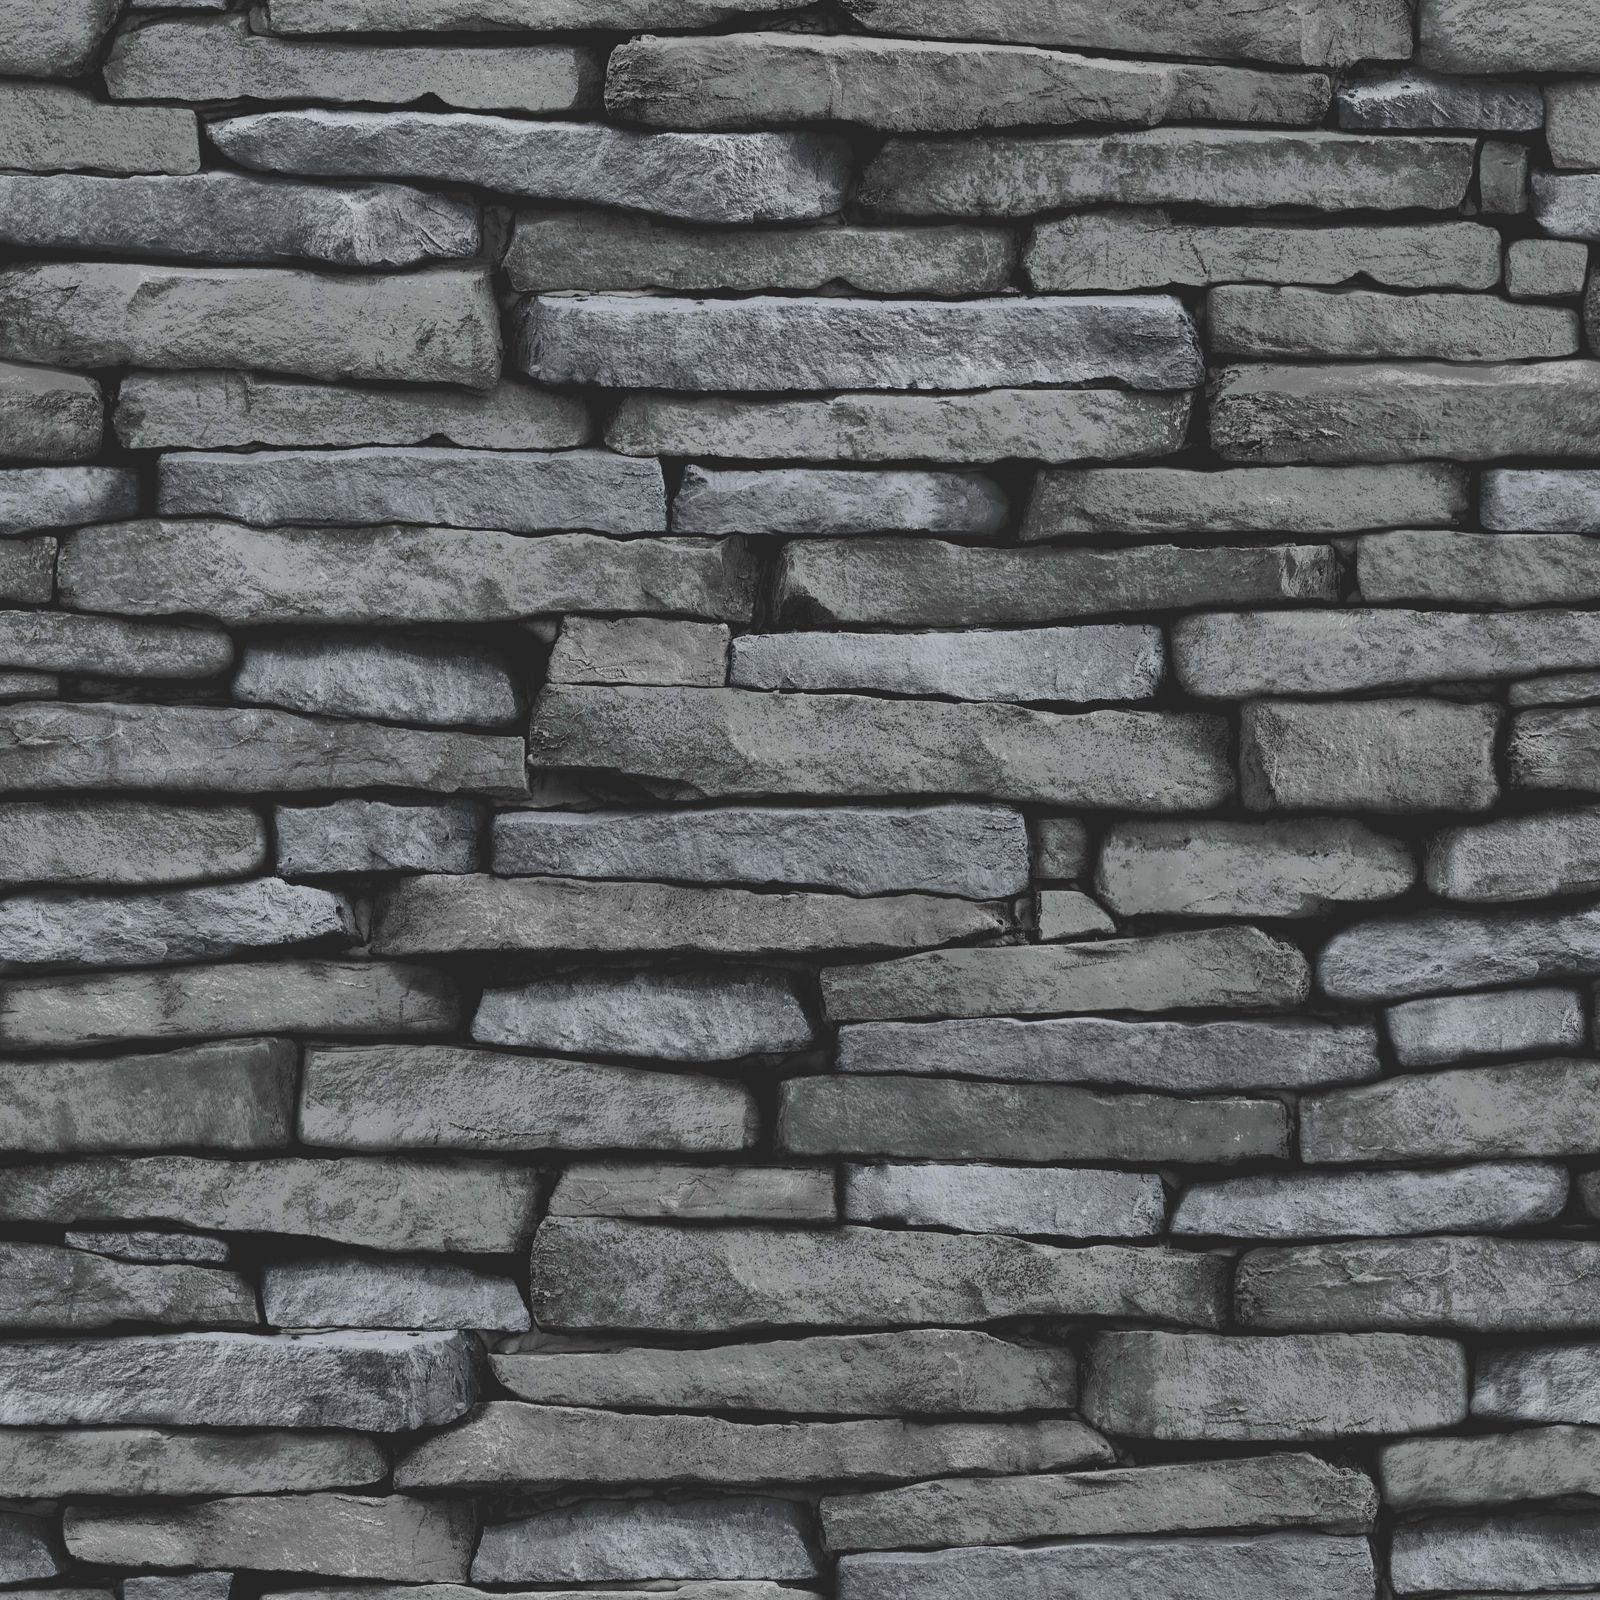 Negroplata Pizarra Efecto De Piedra Papel Pintado Fino Decoracion - Piedra-decoracion